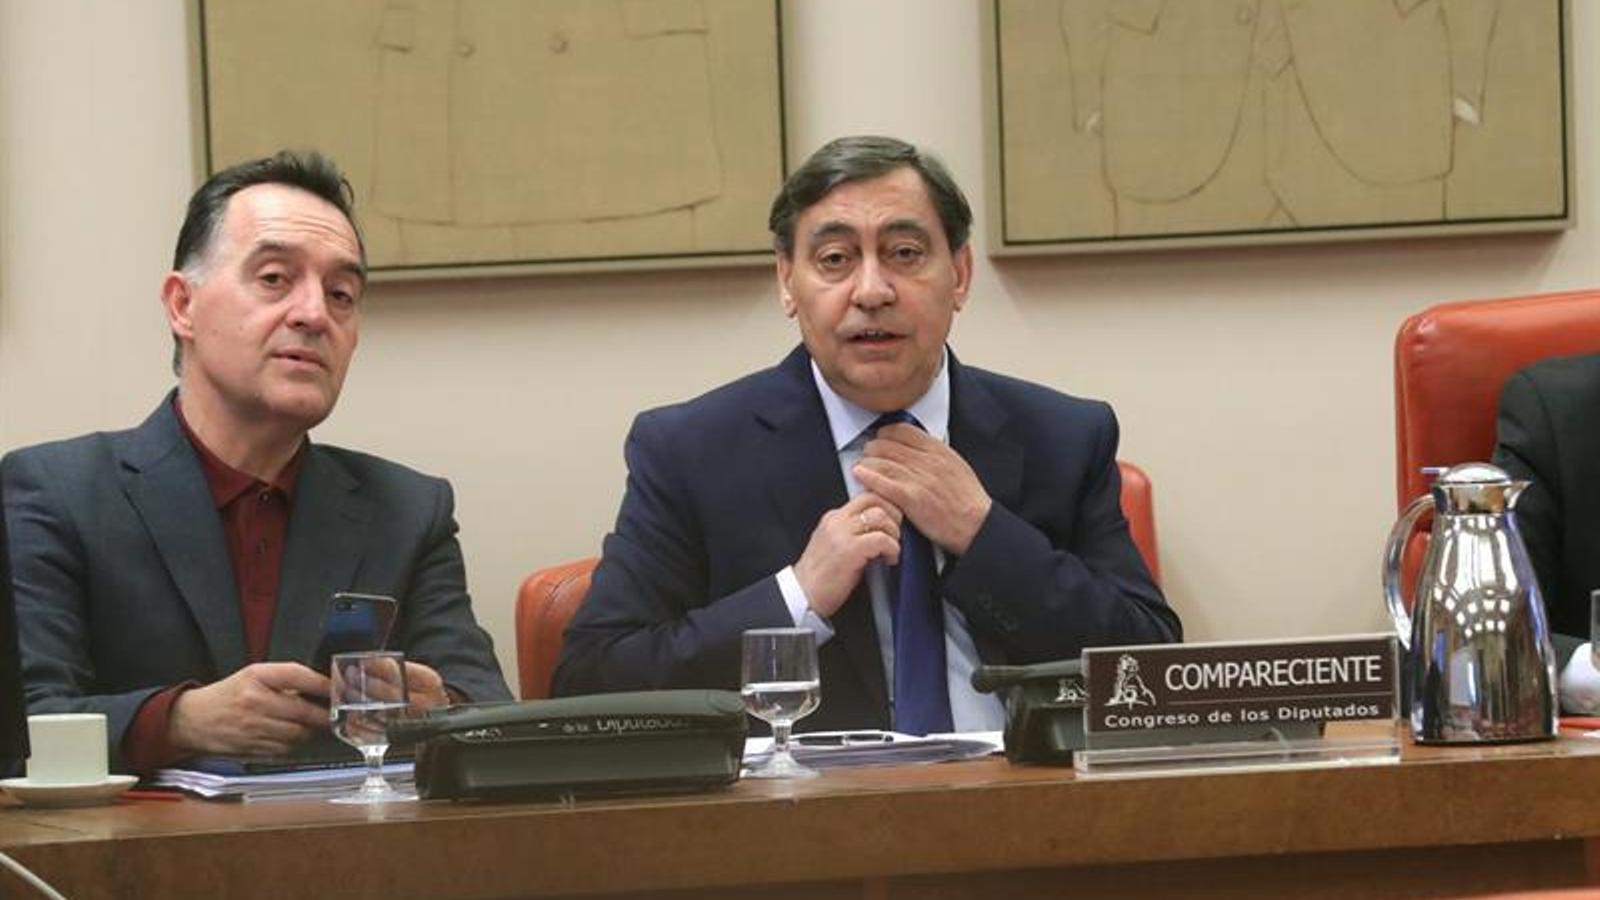 El fiscal general de l'Estat, Julián Sánchez Melgar, durant la compareixença al Congrés. EFE